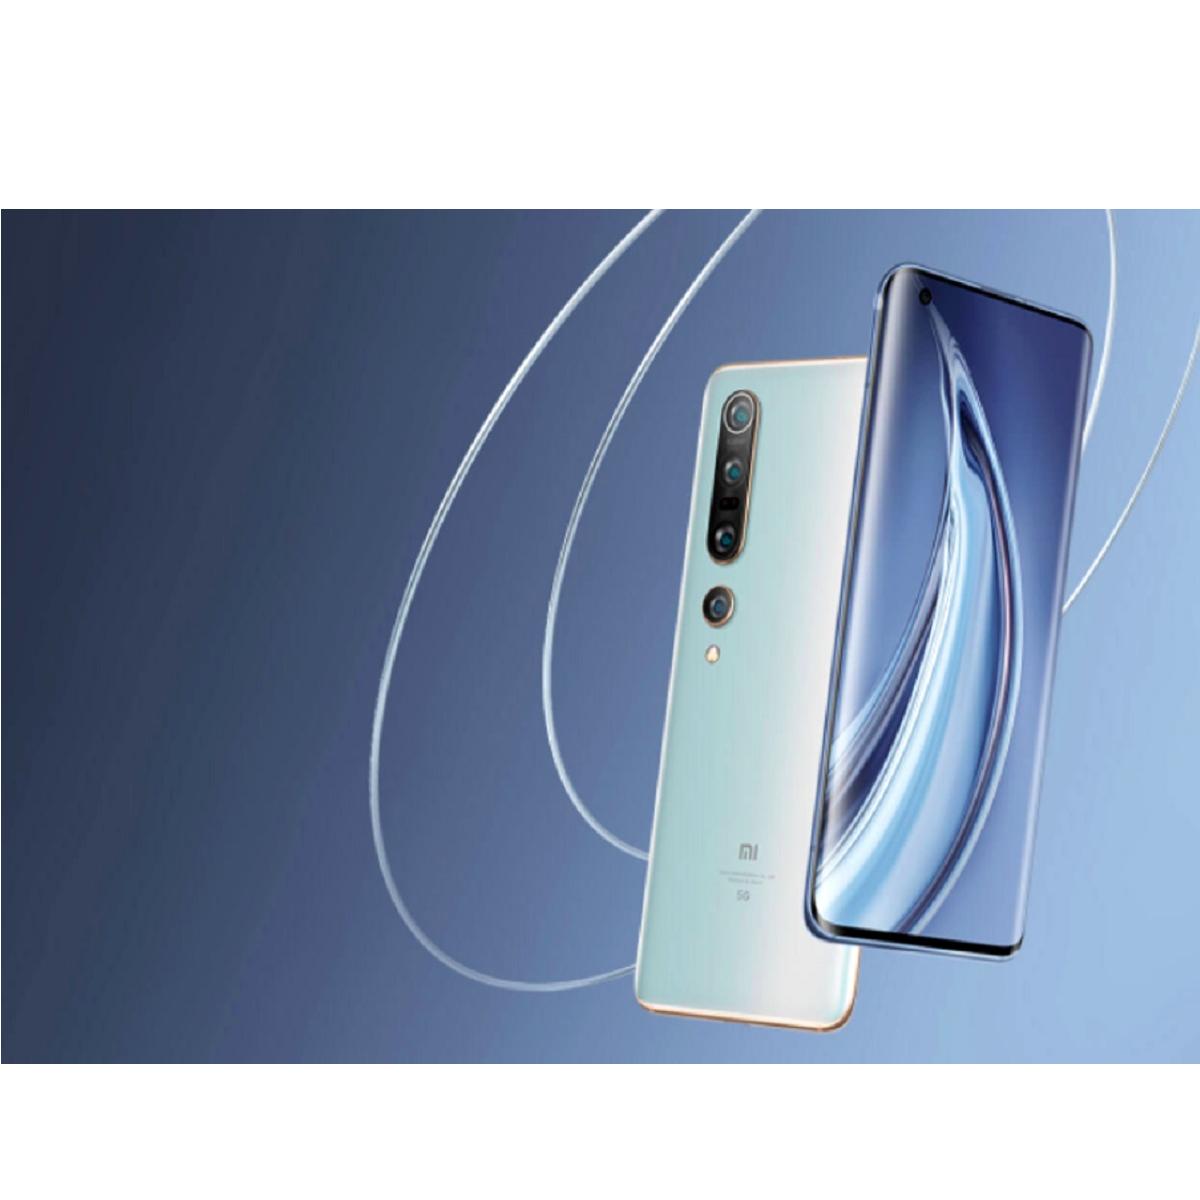 Xiaomi è il secondo brand al mondo con più vendite nel mercato degli smartphone